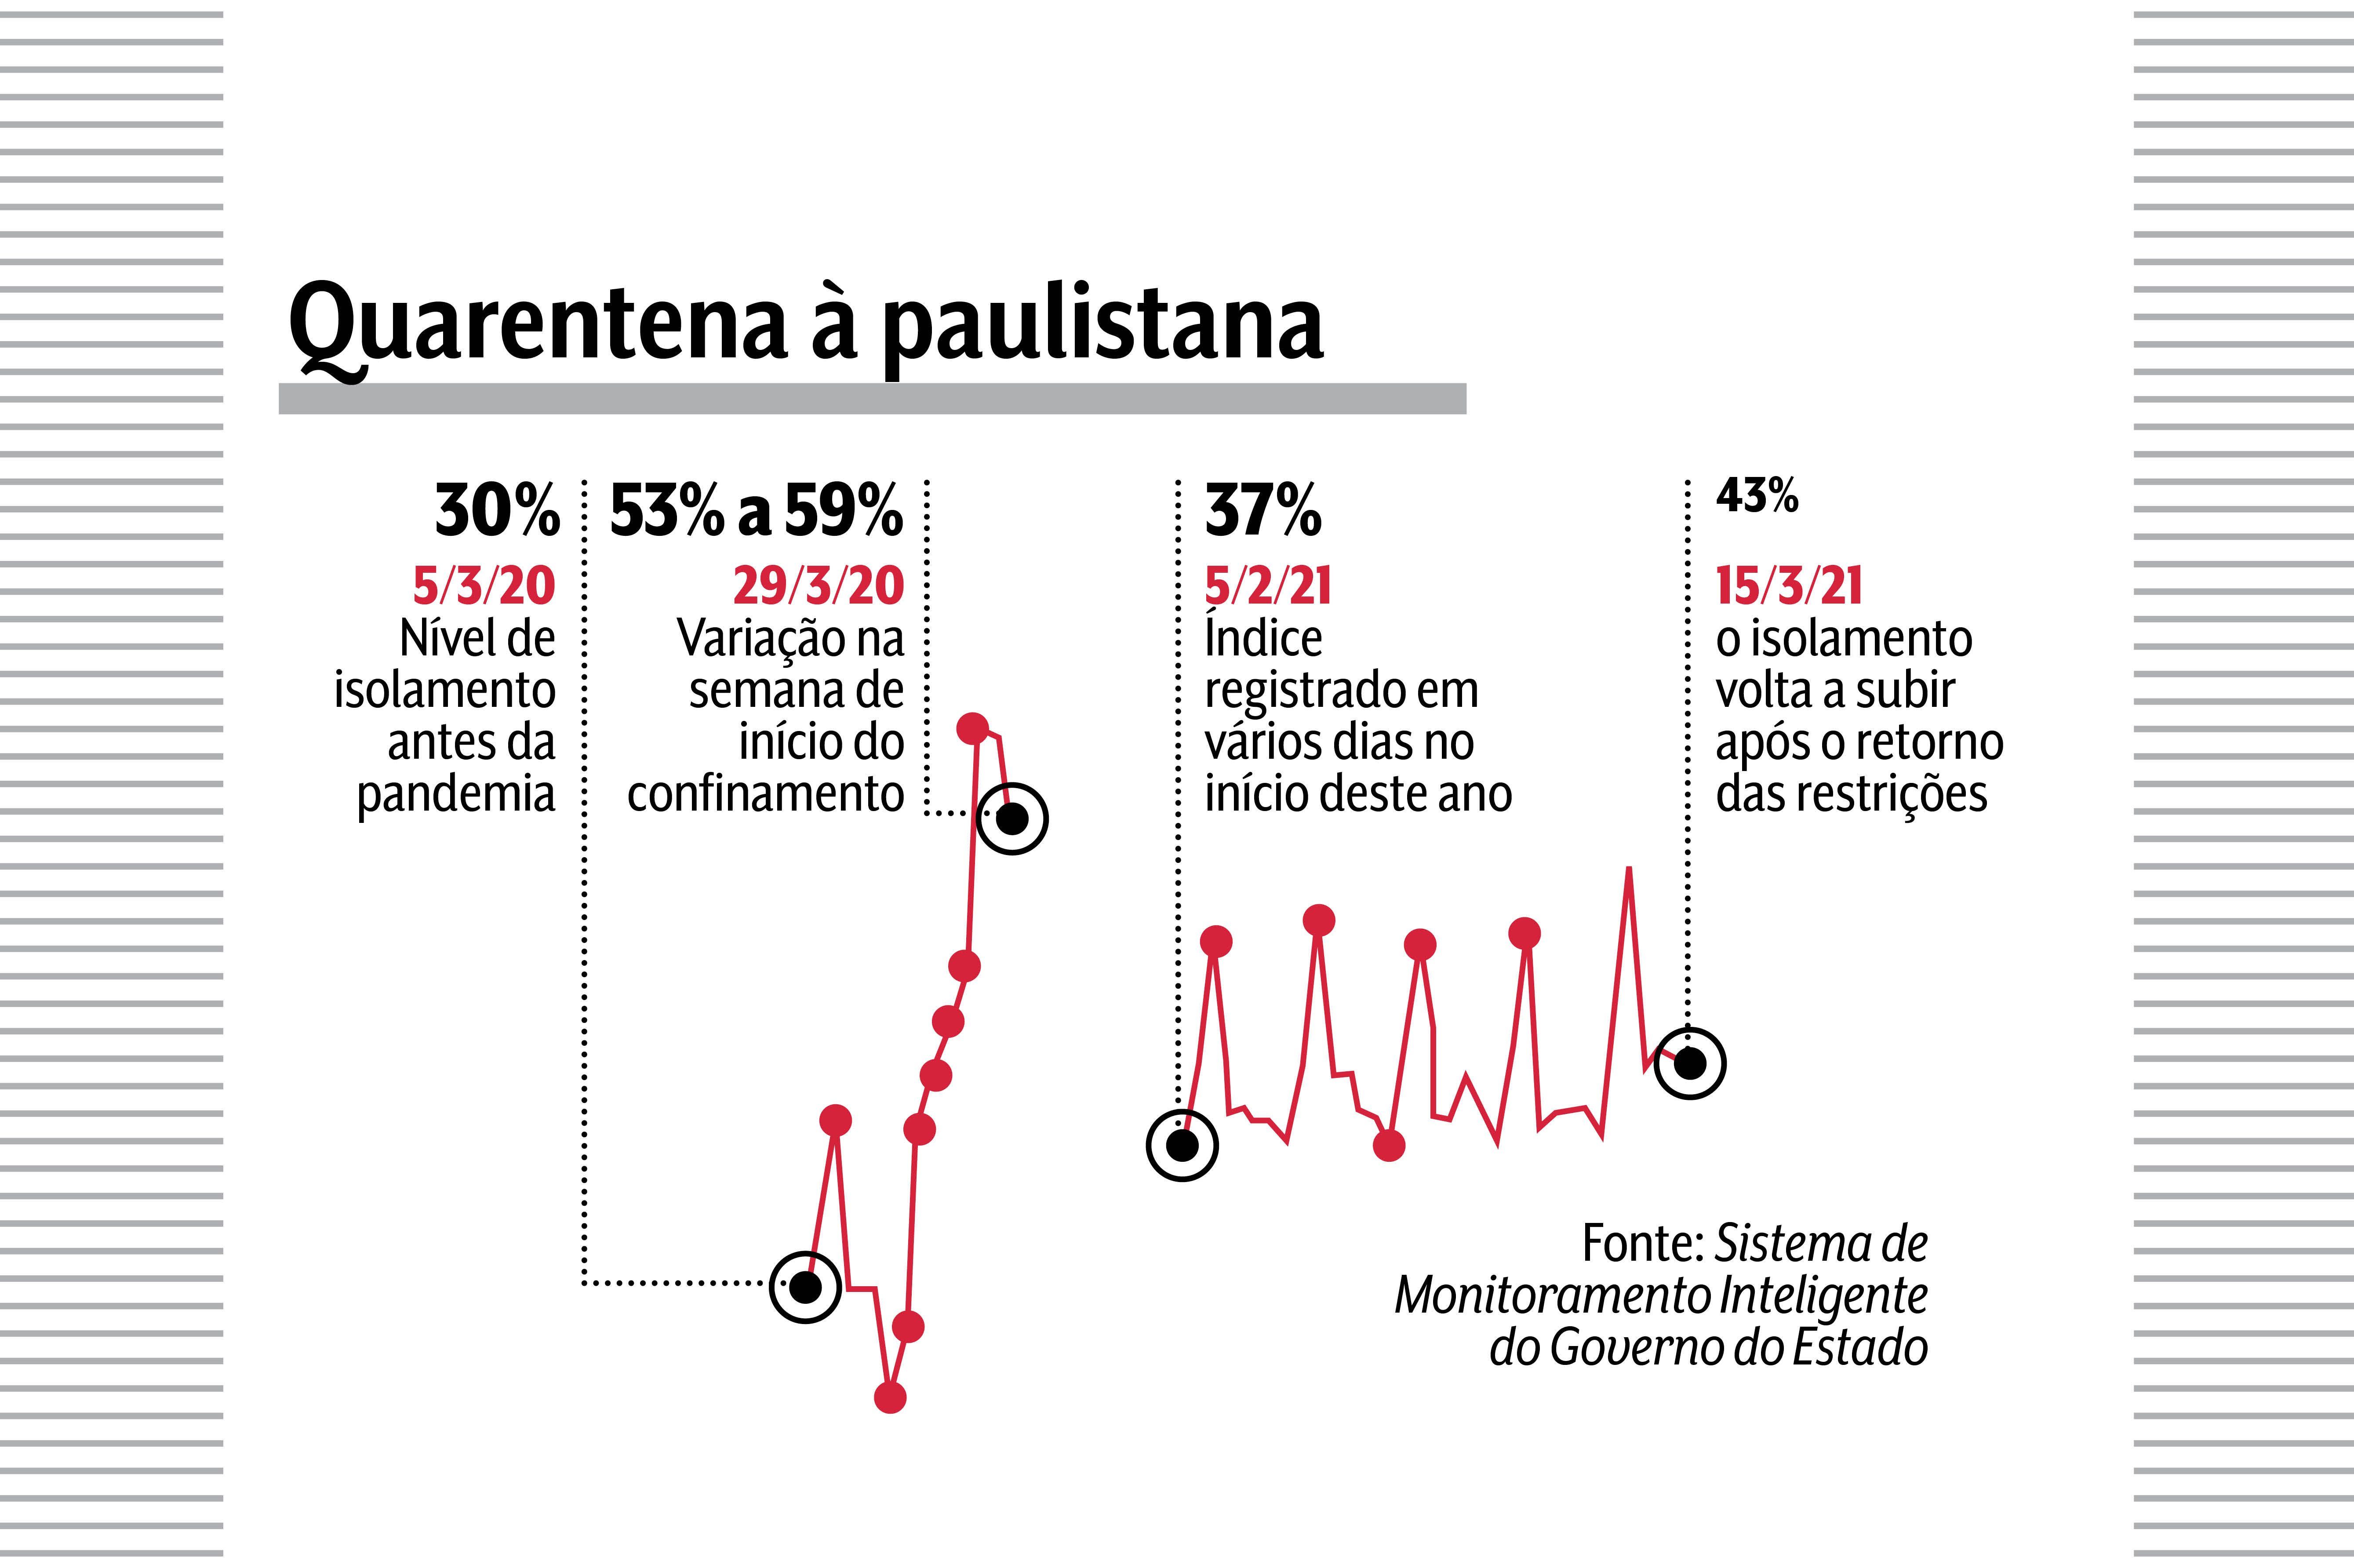 Gráfico visual da quarentena na capital de São Paulo. Atualmente índice de isolamento é de 43%